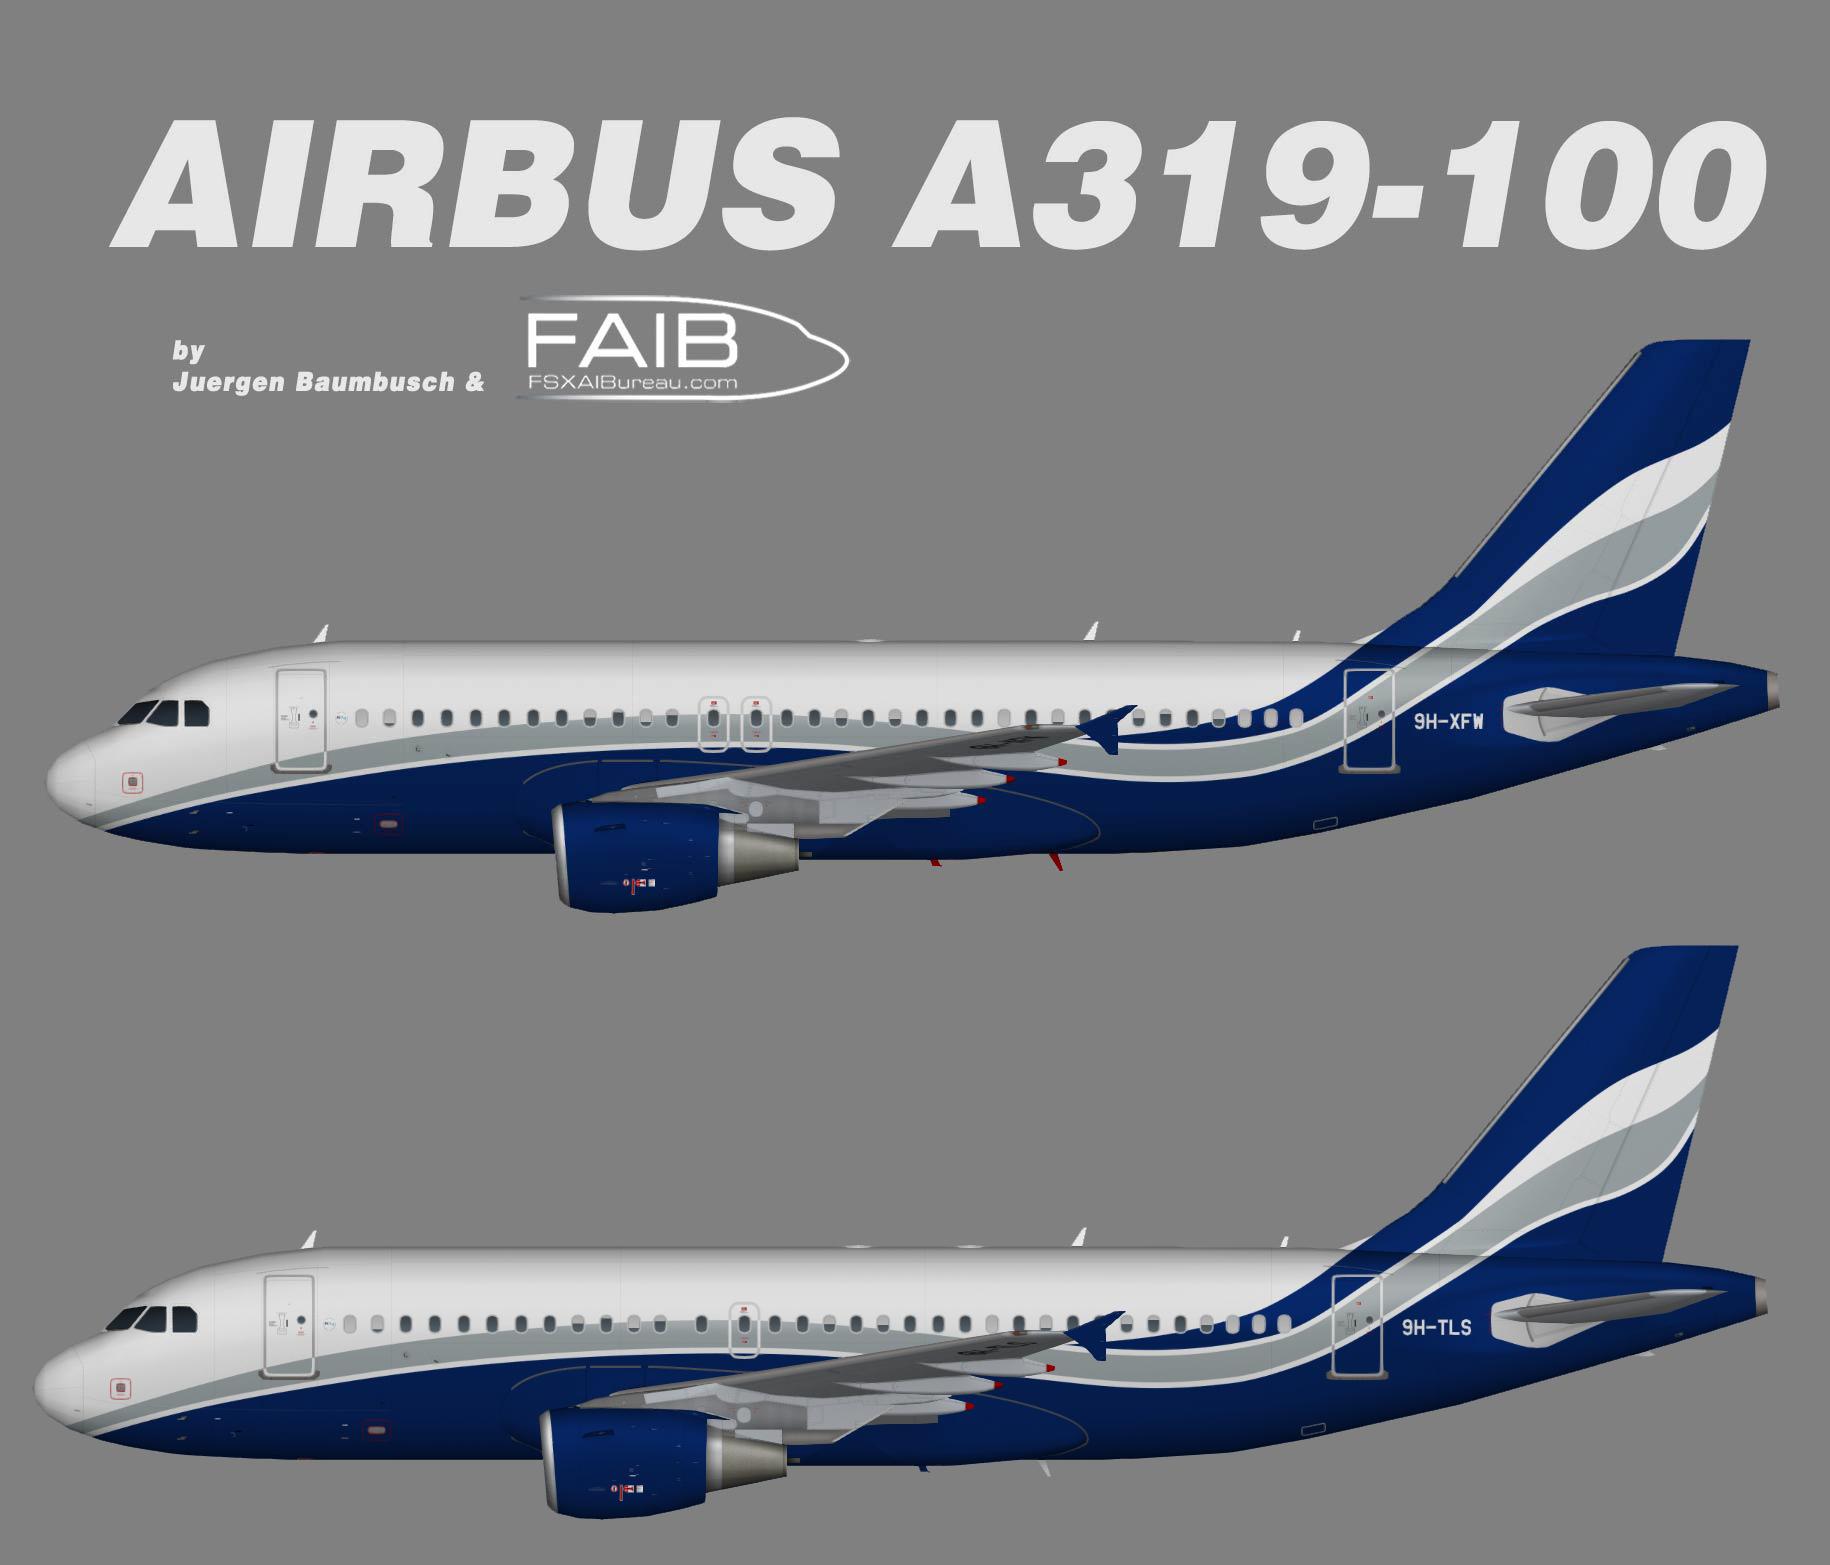 HiFly Malta Airbus A319-100